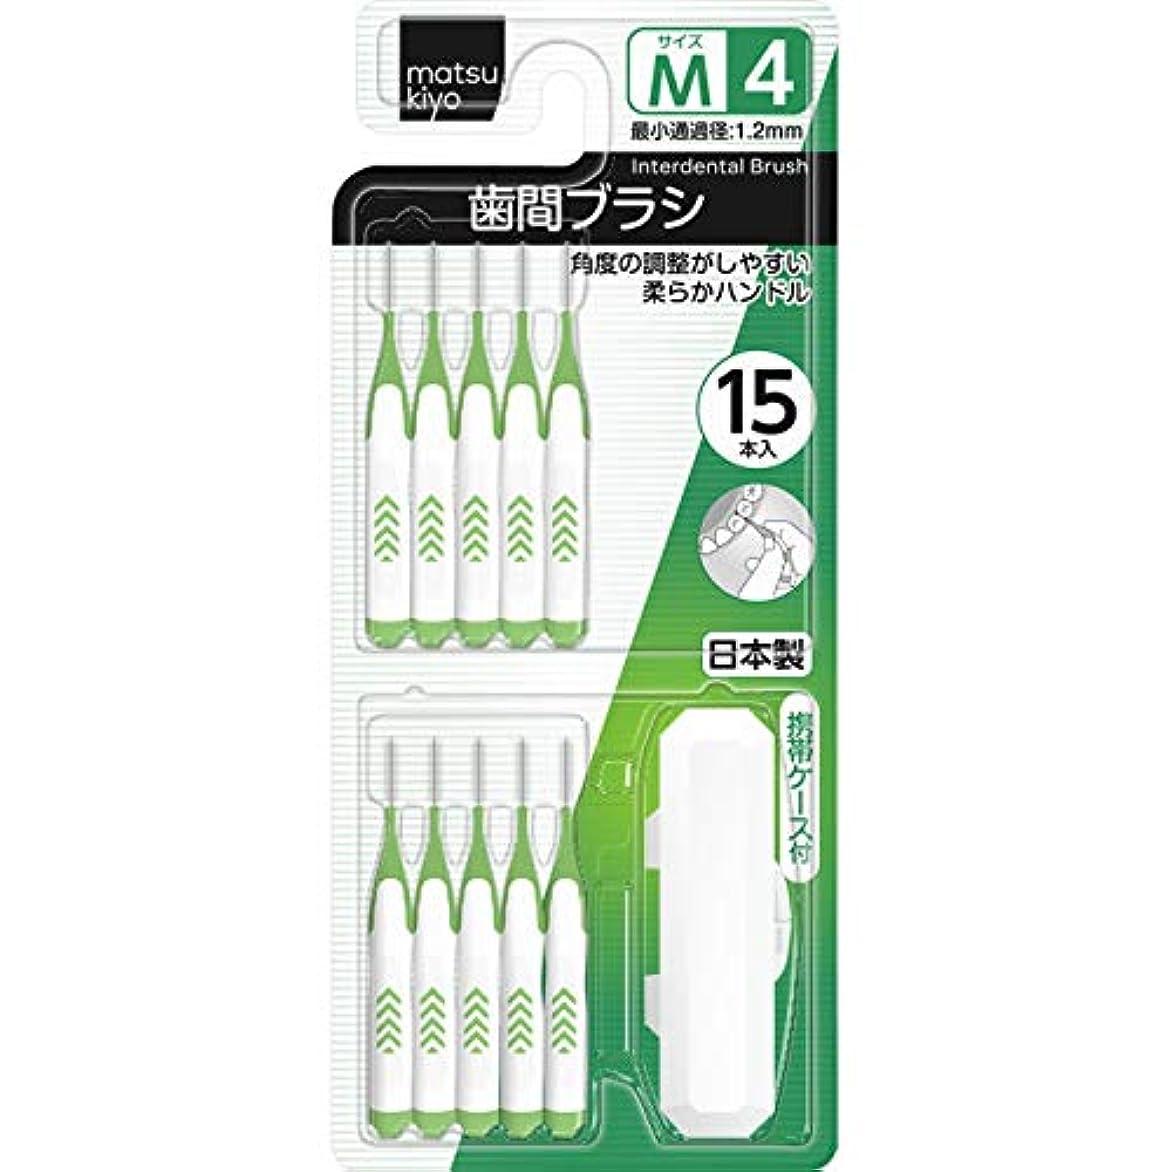 くちばし羊の服を着た狼チートmatsukiyo 歯間ブラシ サイズ4(M) 15本